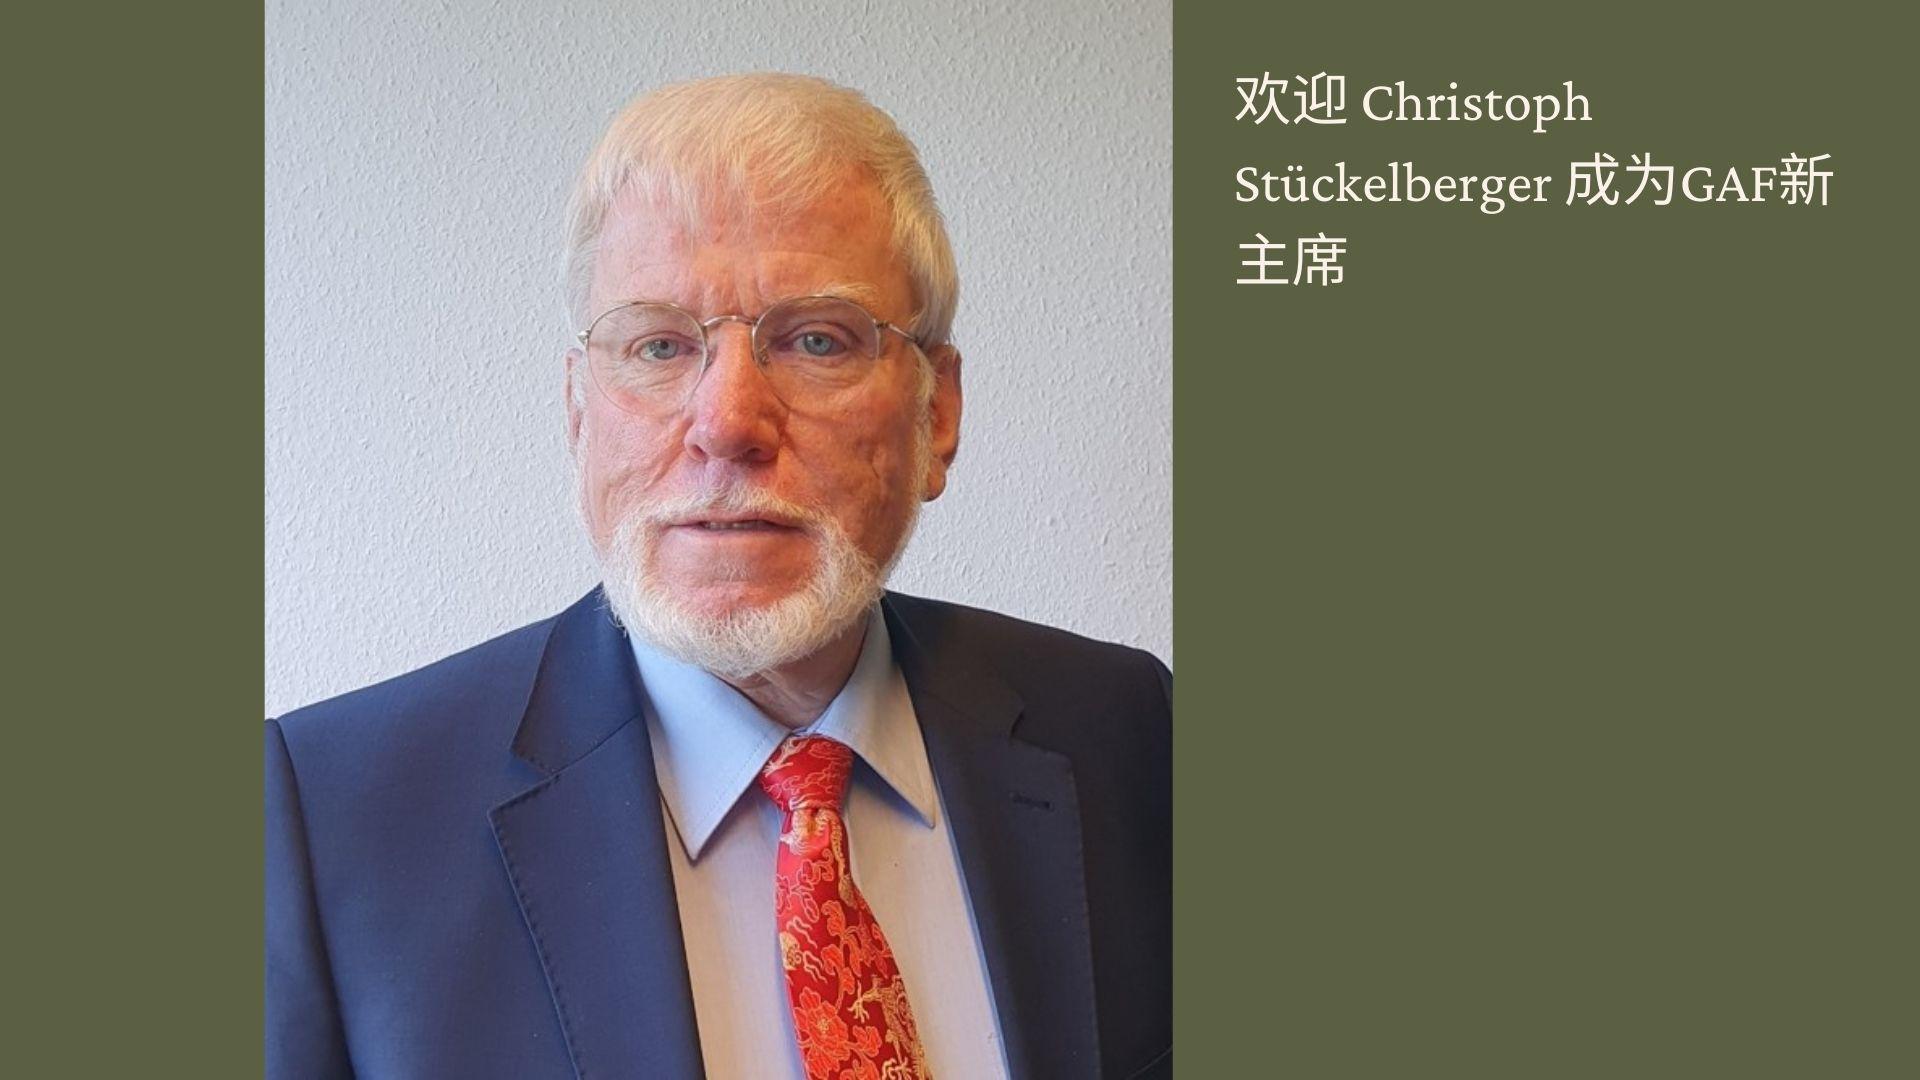 Christoph slide